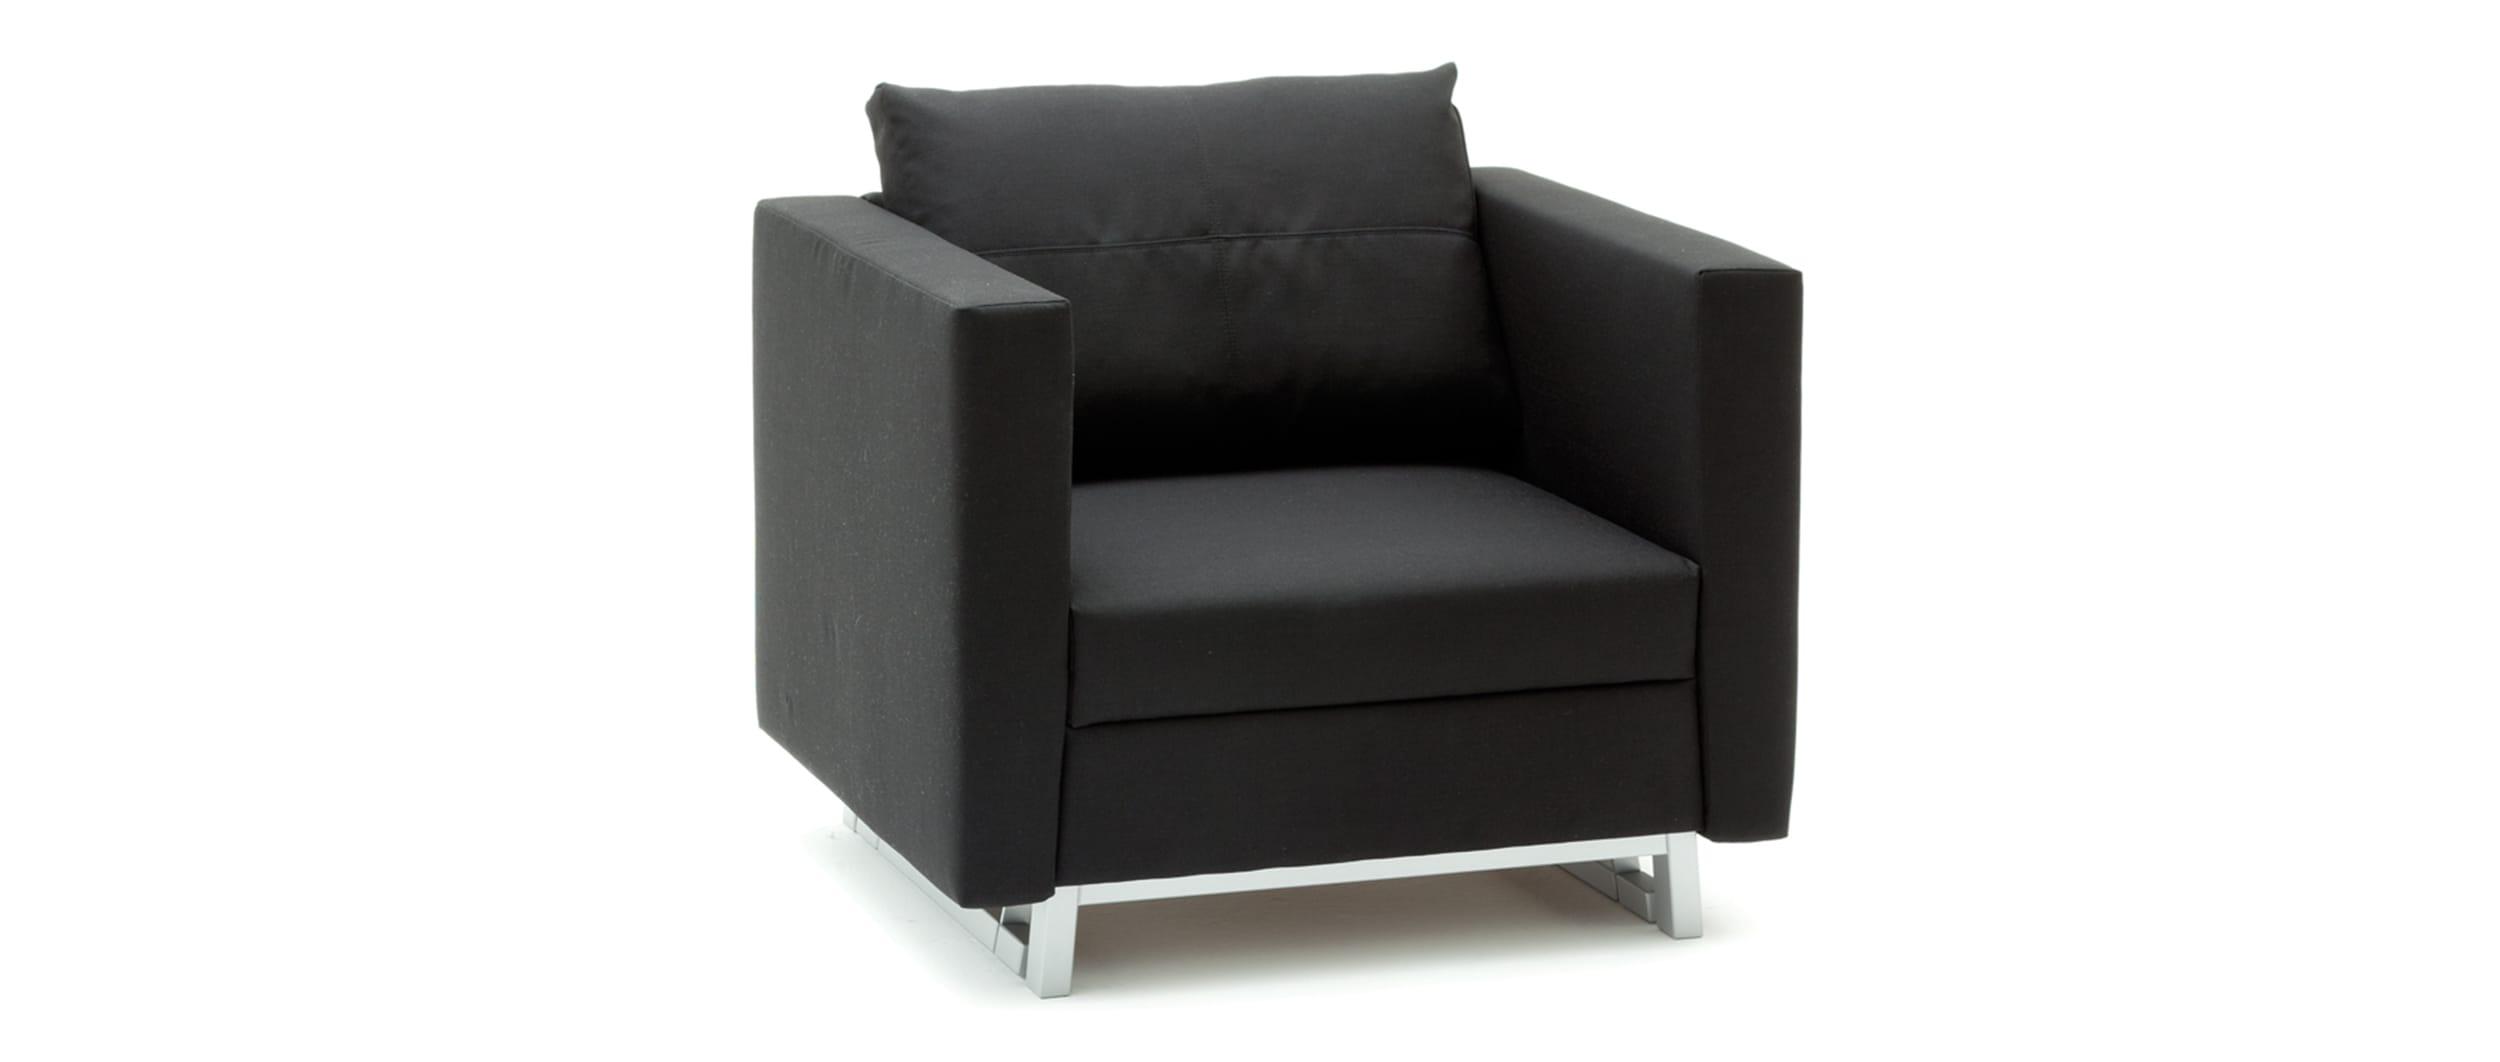 fox schlafsessel von franz fertig die collection. Black Bedroom Furniture Sets. Home Design Ideas